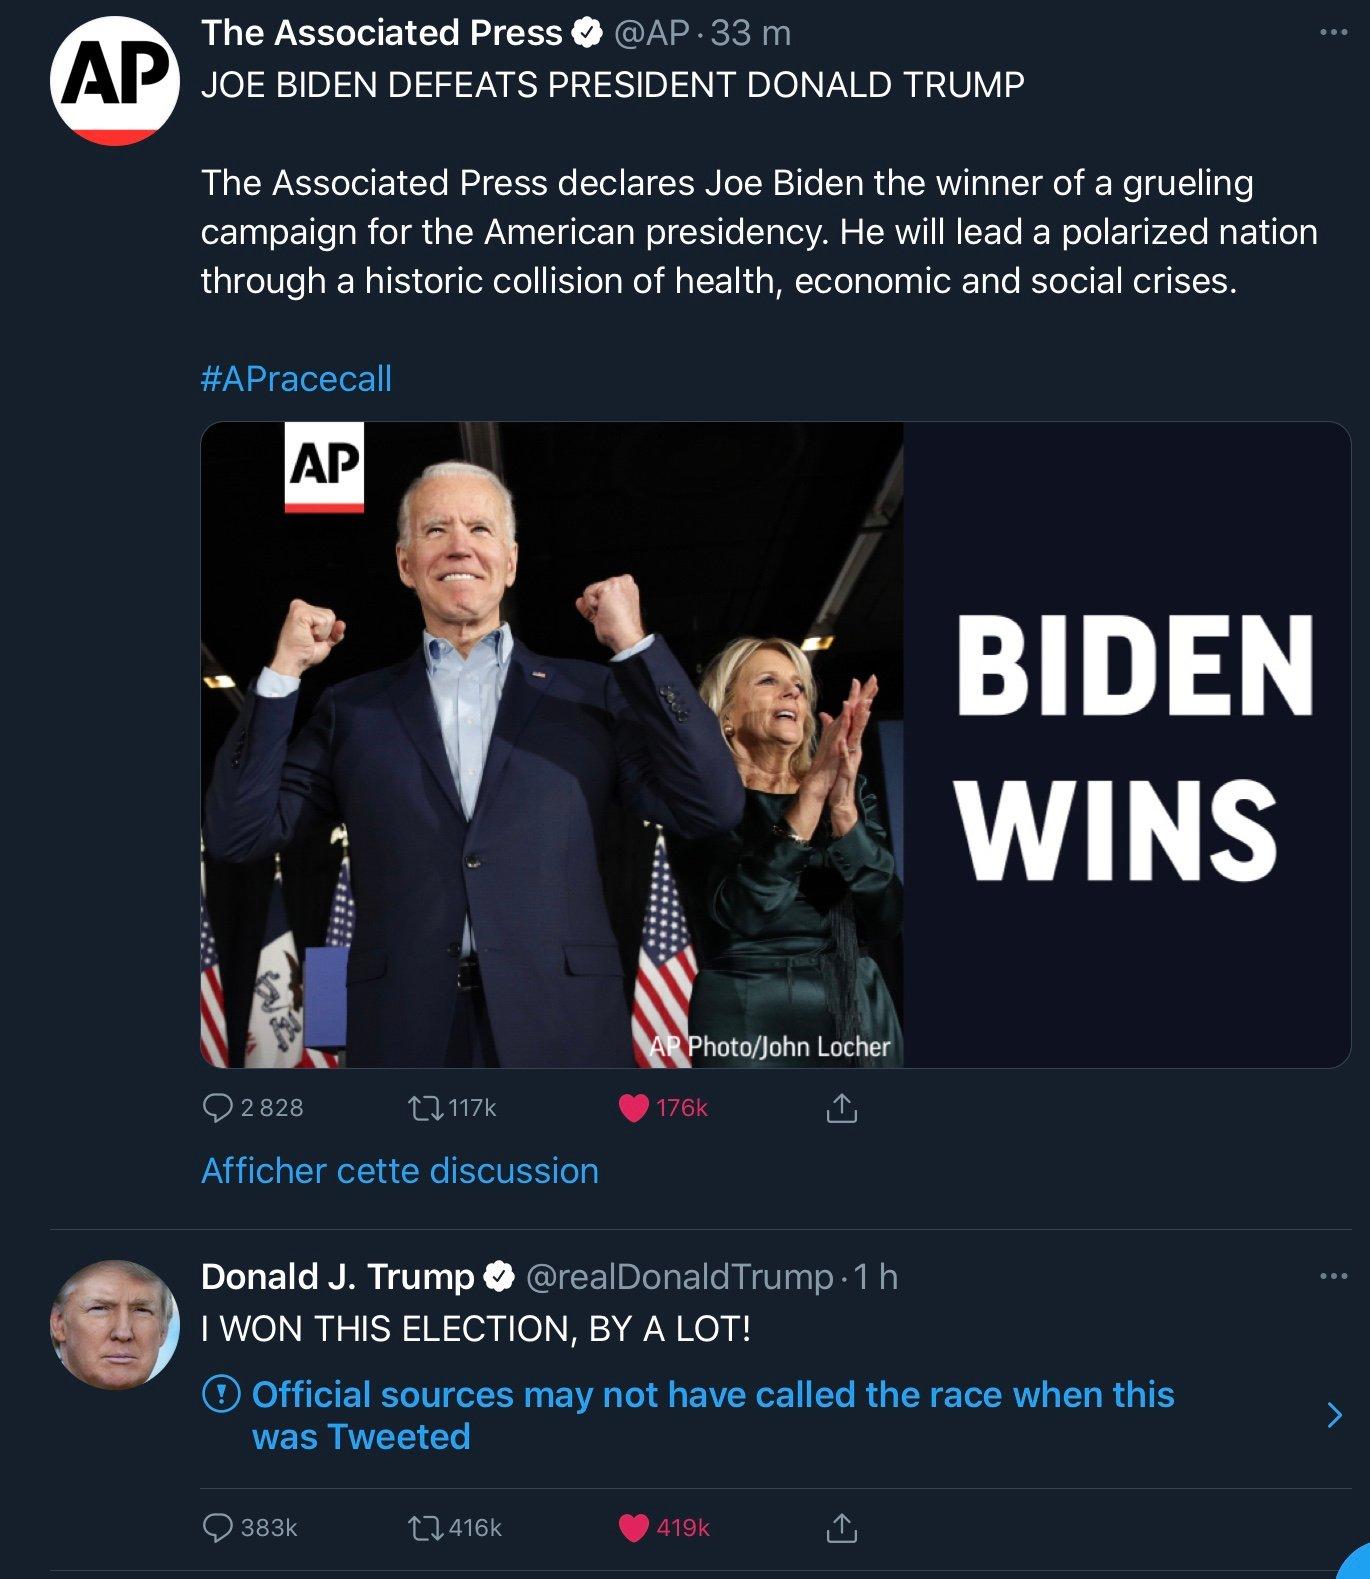 Samedi 7 novembre 2020 : un des (nombreux) tweets de Donald Trump signalés par Twitter :